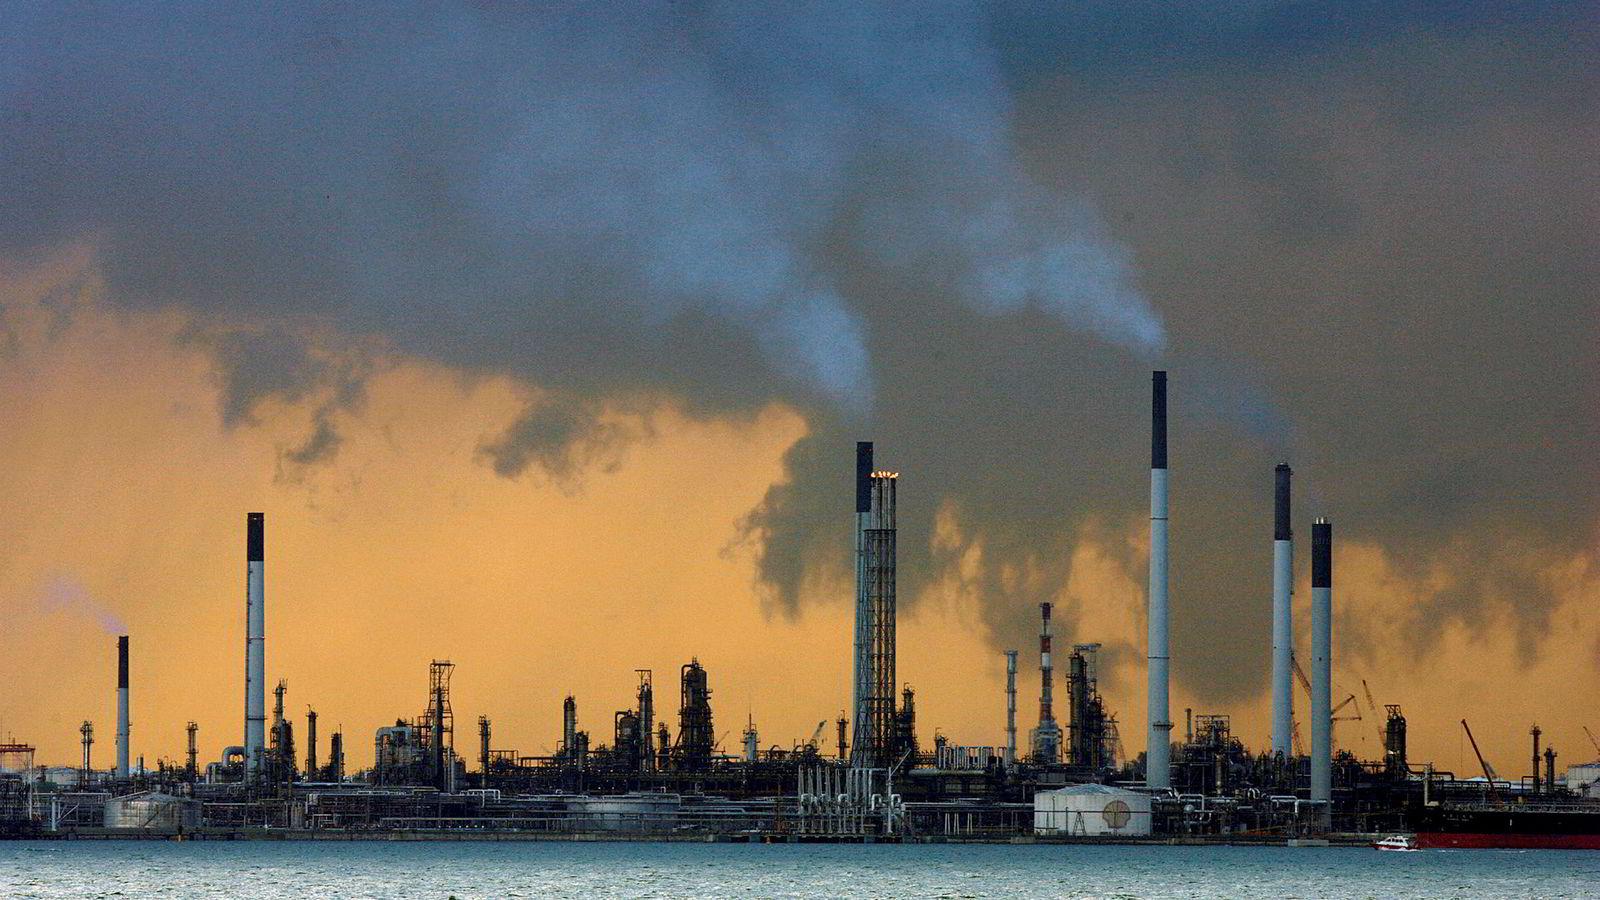 Røyk stiger ut av pipene fra et oljeraffineri ved kysten i Singapore.